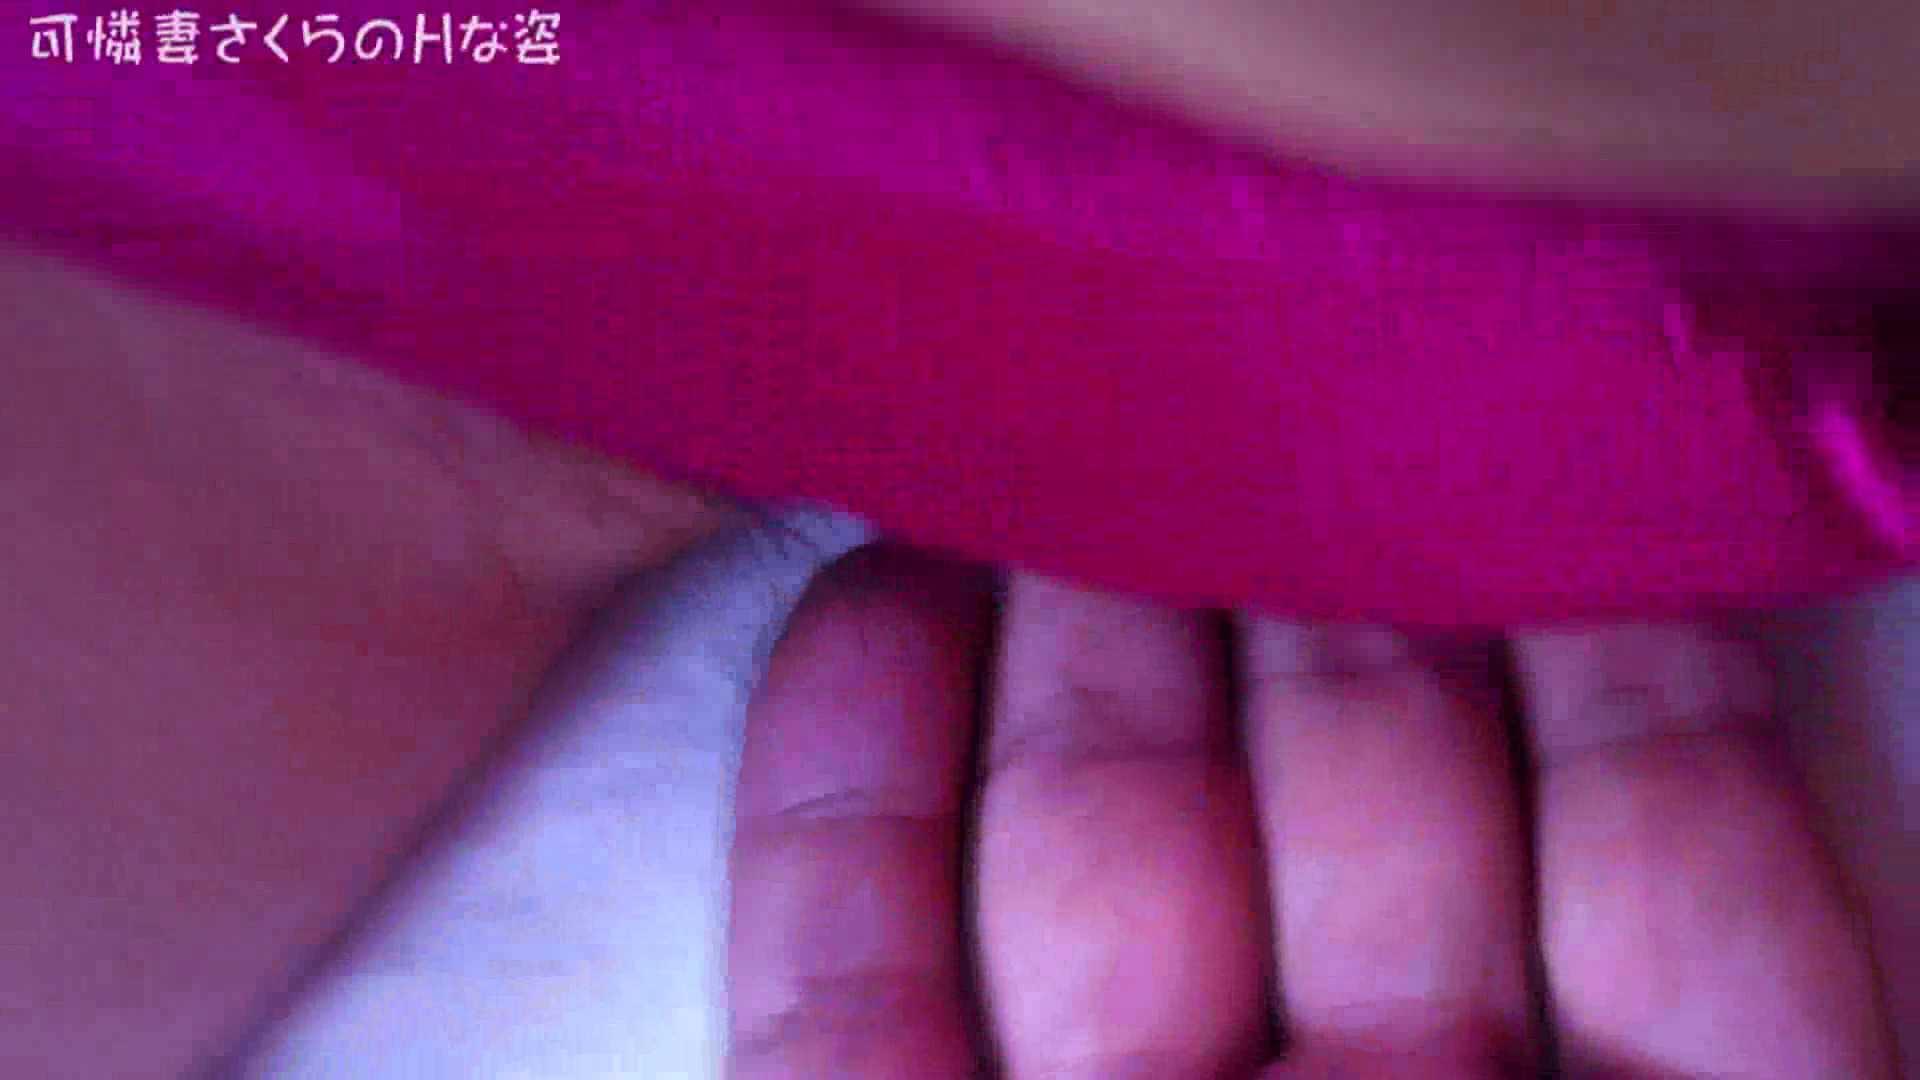 可憐妻さくらのHな姿vol.24 ギャルのおっぱい すけべAV動画紹介 52連発 47